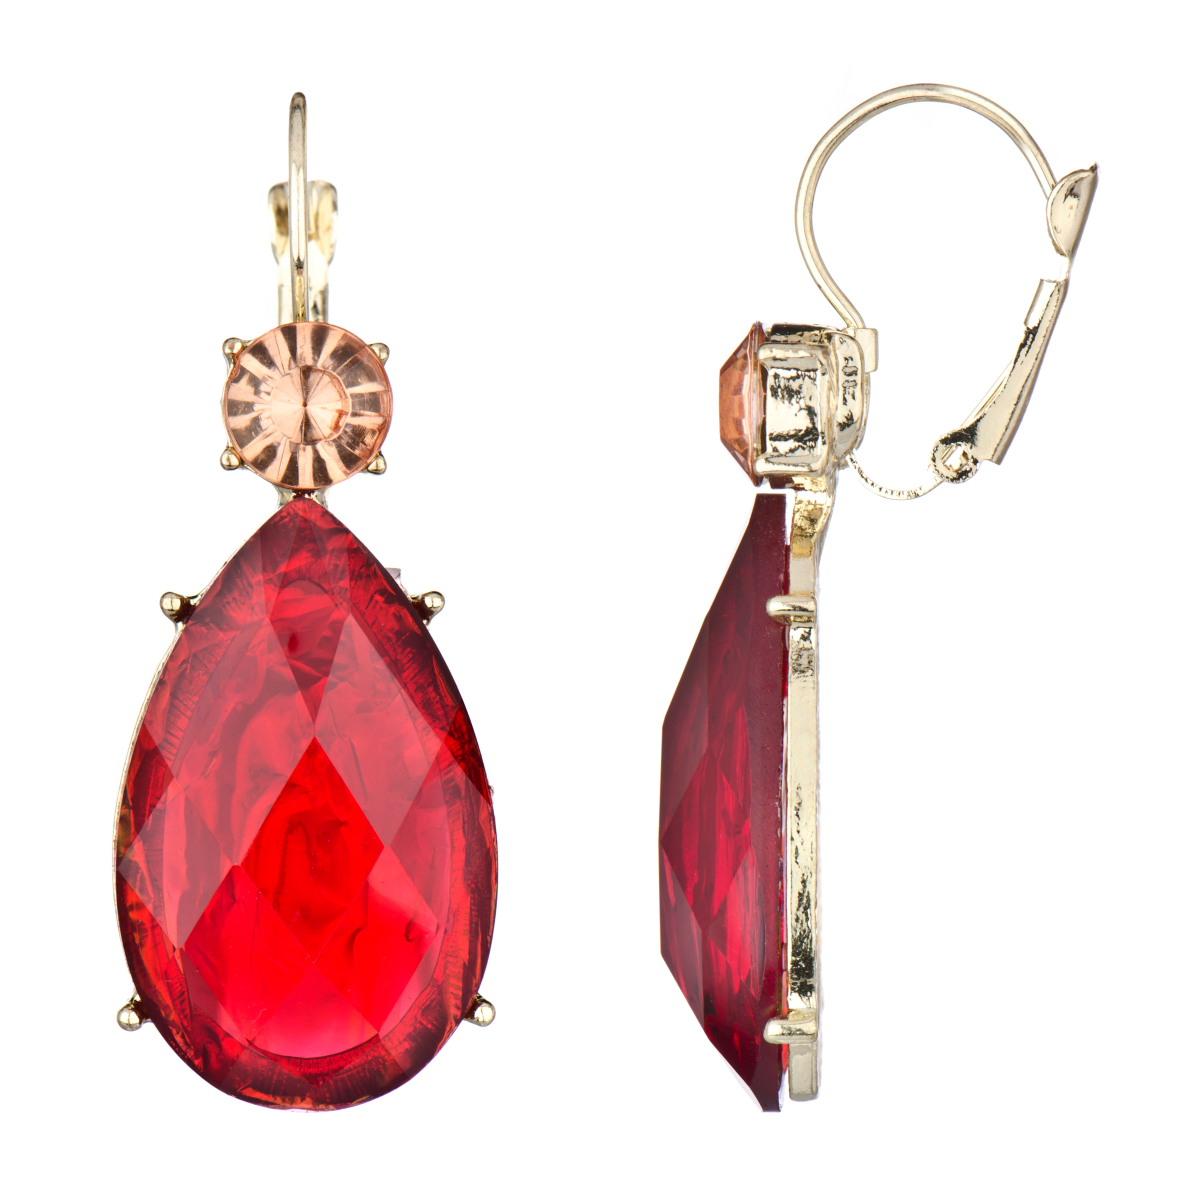 red earrings rinau0027s fancy pear drop earrings - red stone jchjslp